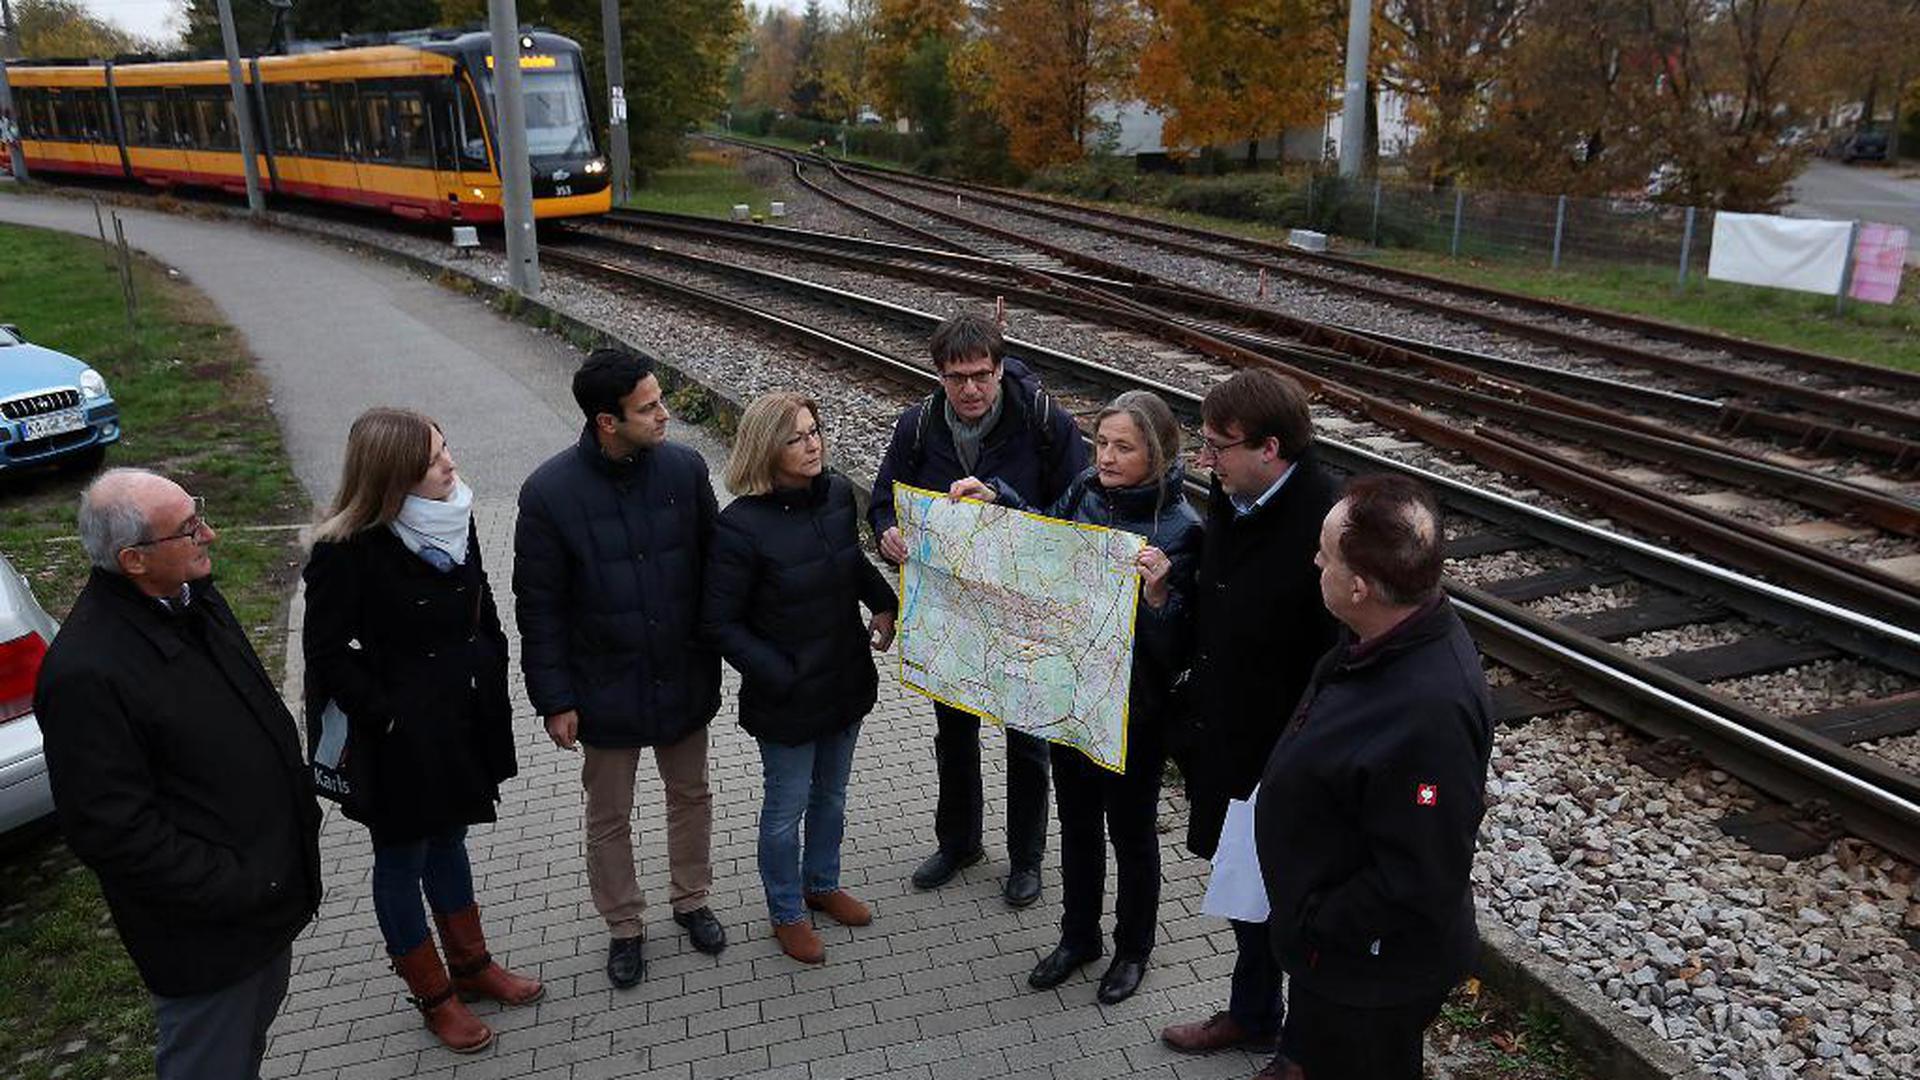 Karlsruher Sozialdemokraten wollen die Bahnstrecke Neureut – Bahnhof Mühlburg für den öffentlichen Personenverkehr aktivieren. Jetzt rollen dort nur Güterzüge.